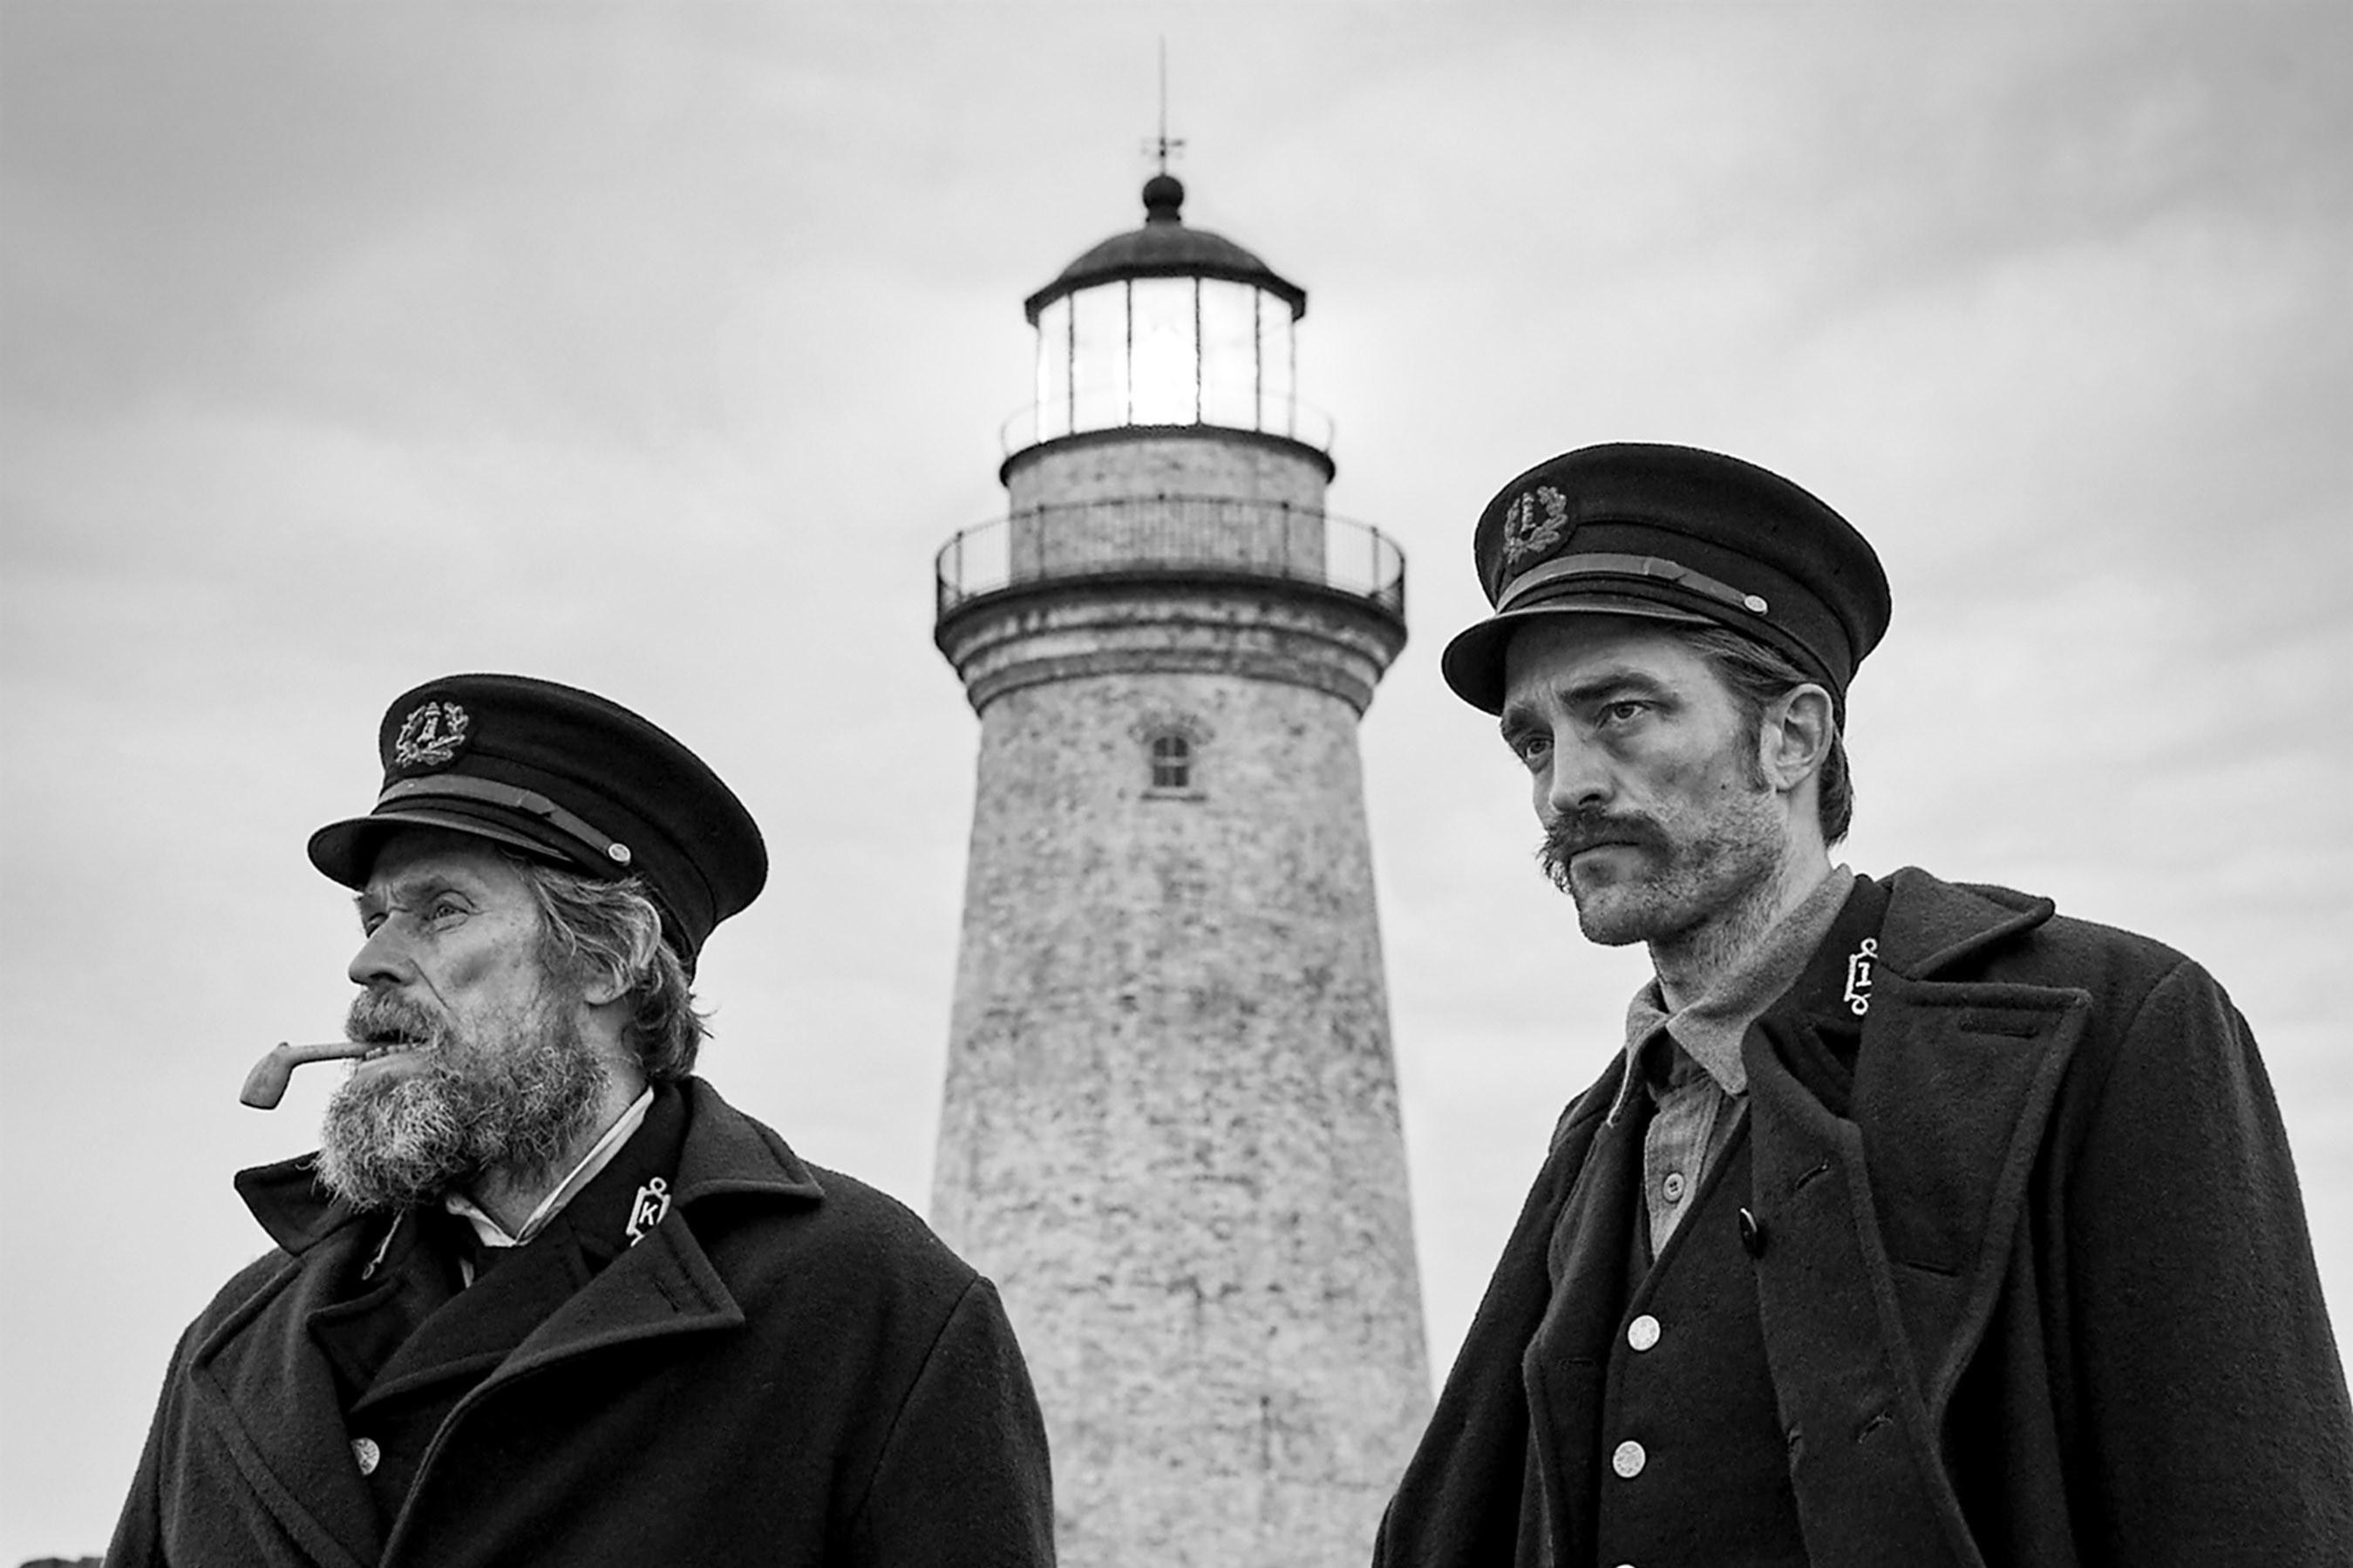 30. LIFFe: Svetilnik (The Lighthouse)